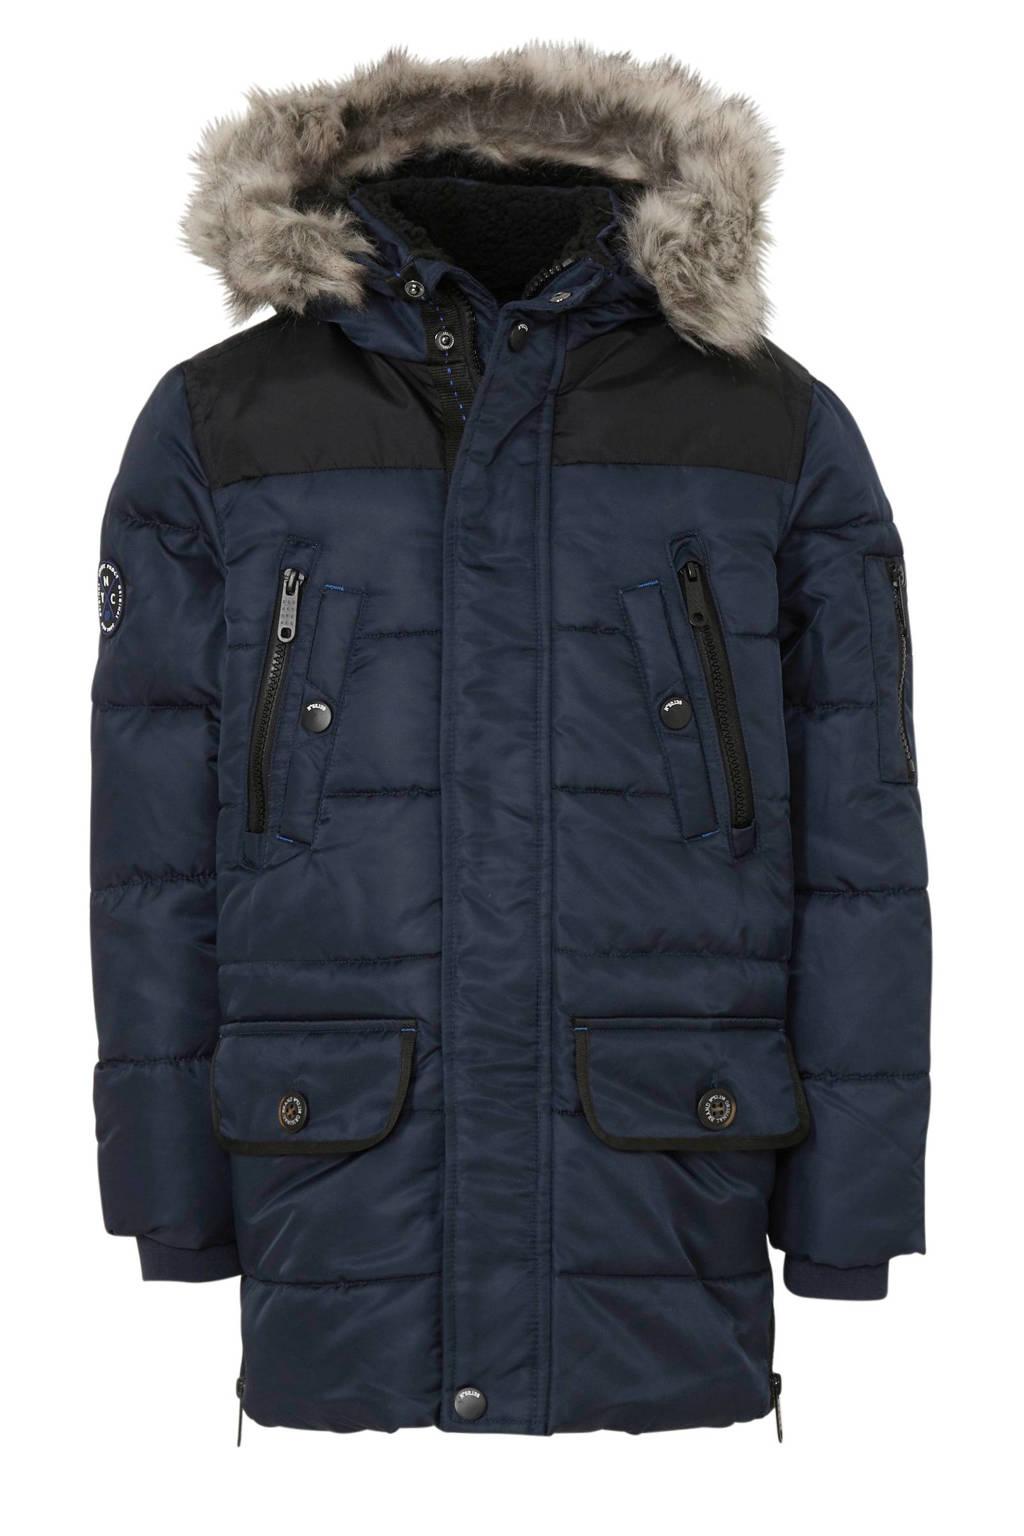 C&A Here & There winterjas donkerblauw/zwart, Donkerblauw/zwart